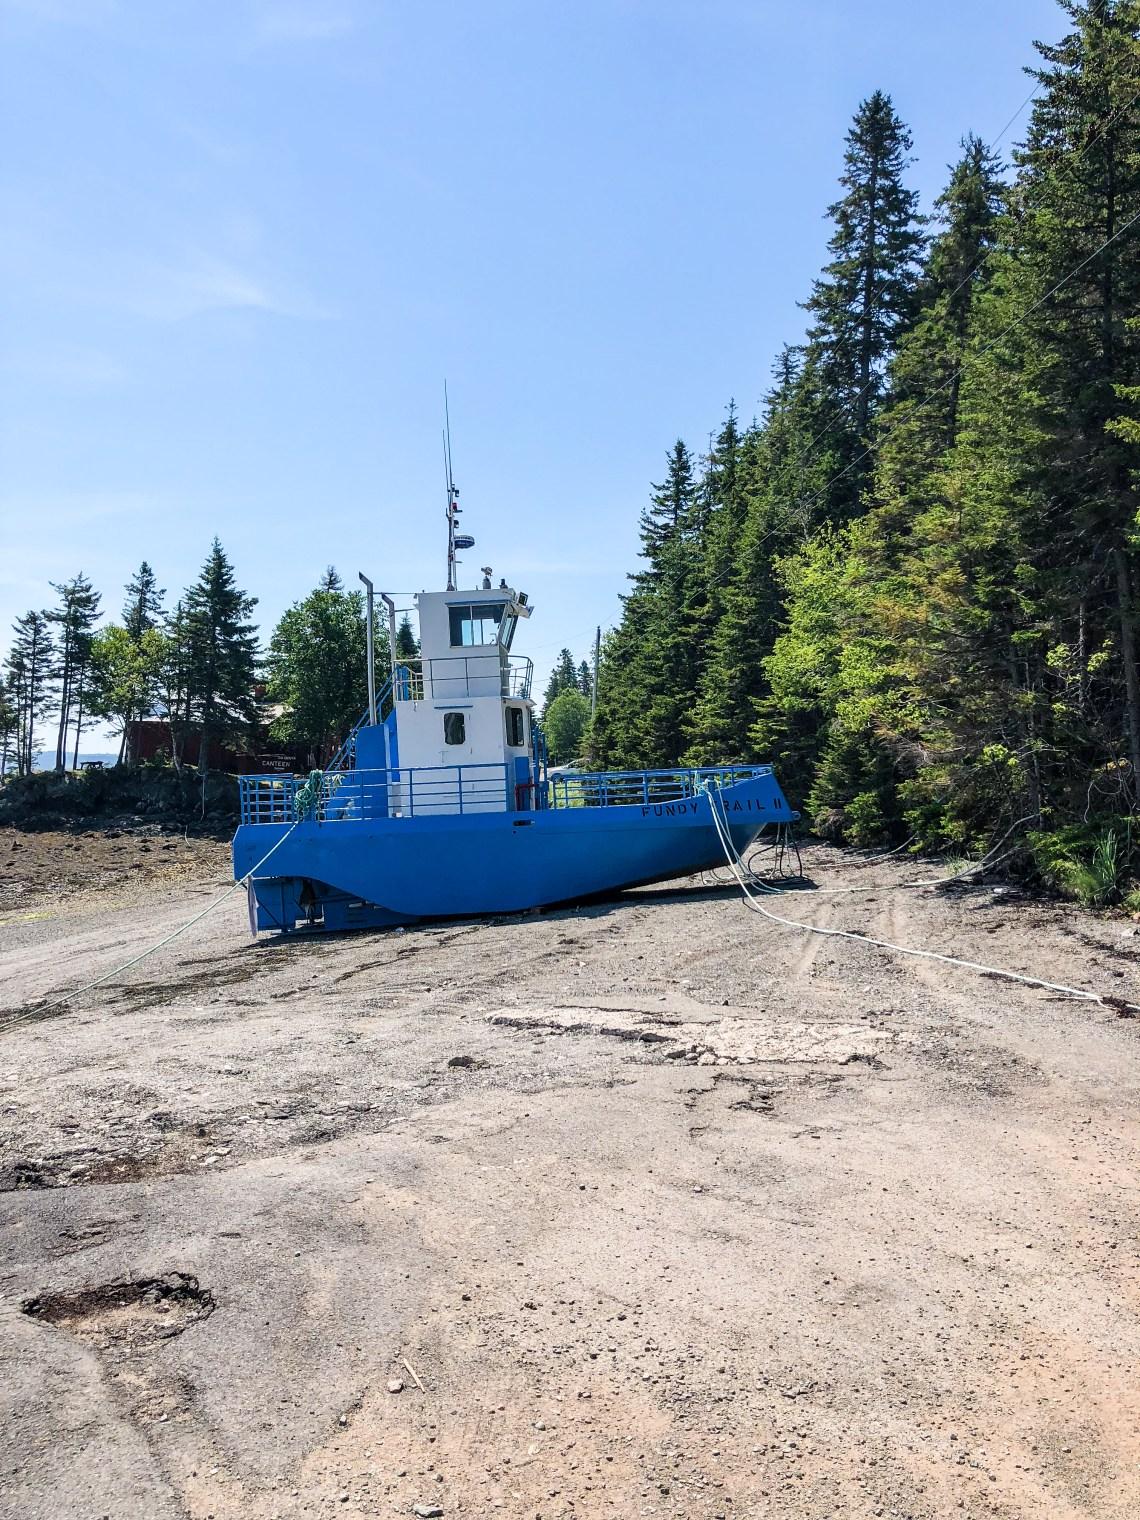 Campobello Island Ferry